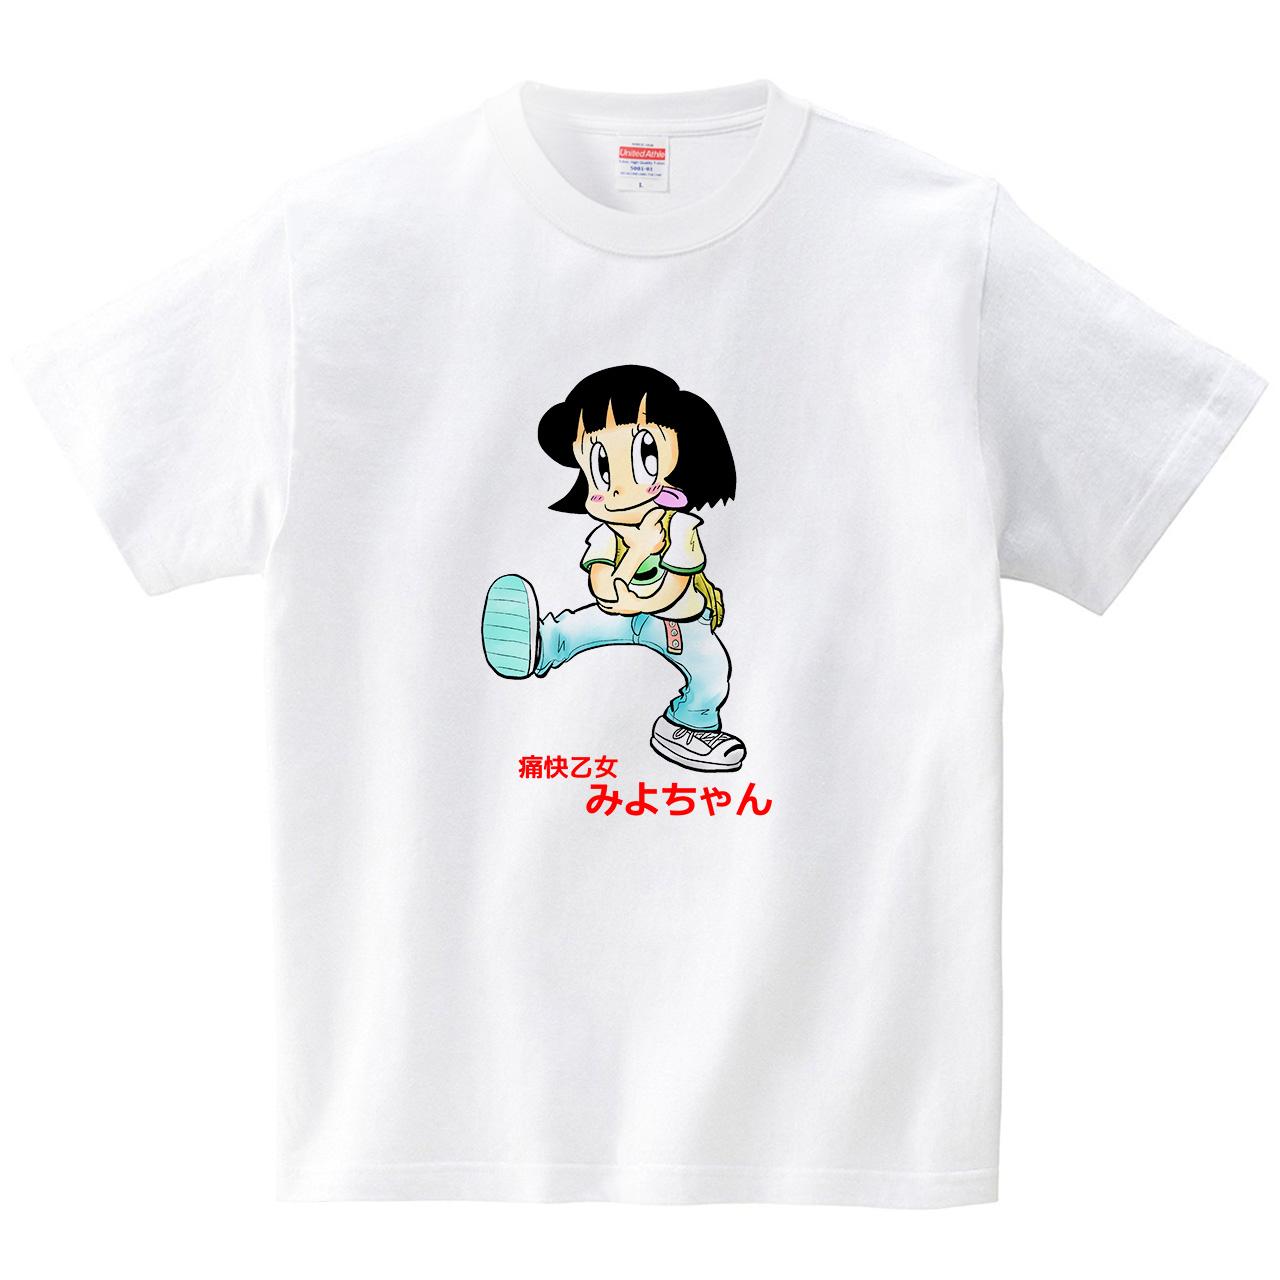 痛快乙女みよちゃんTシャツBカラー(Tシャツ・ホワイト)(アシタモ)